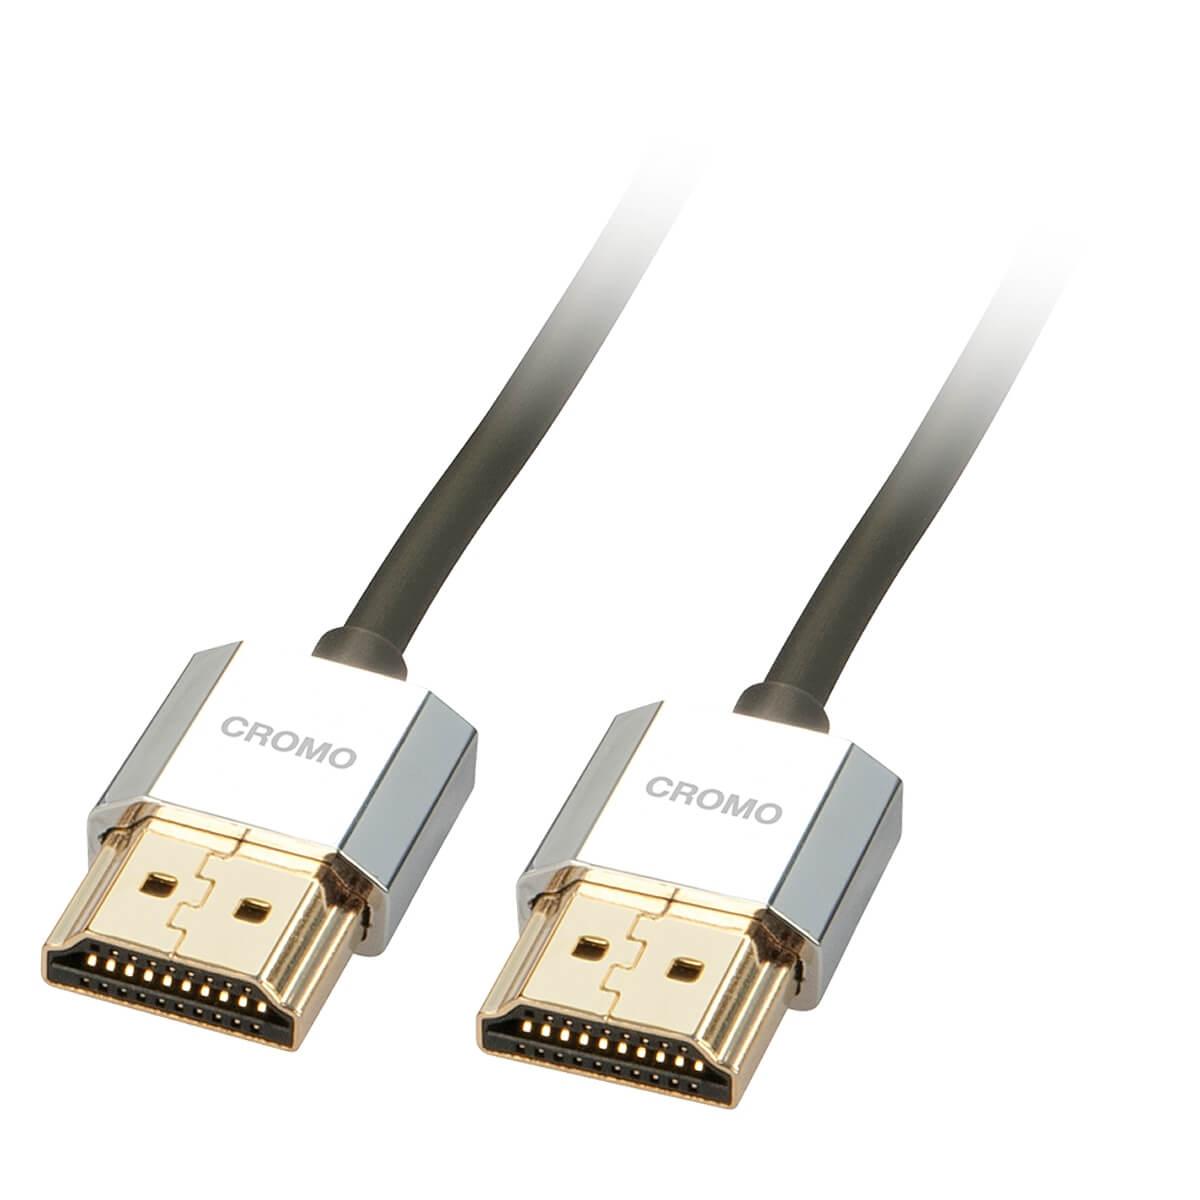 LINDY CROMO SLIM Câble HDMI 2.0 Blindé Plaqué Or 2m